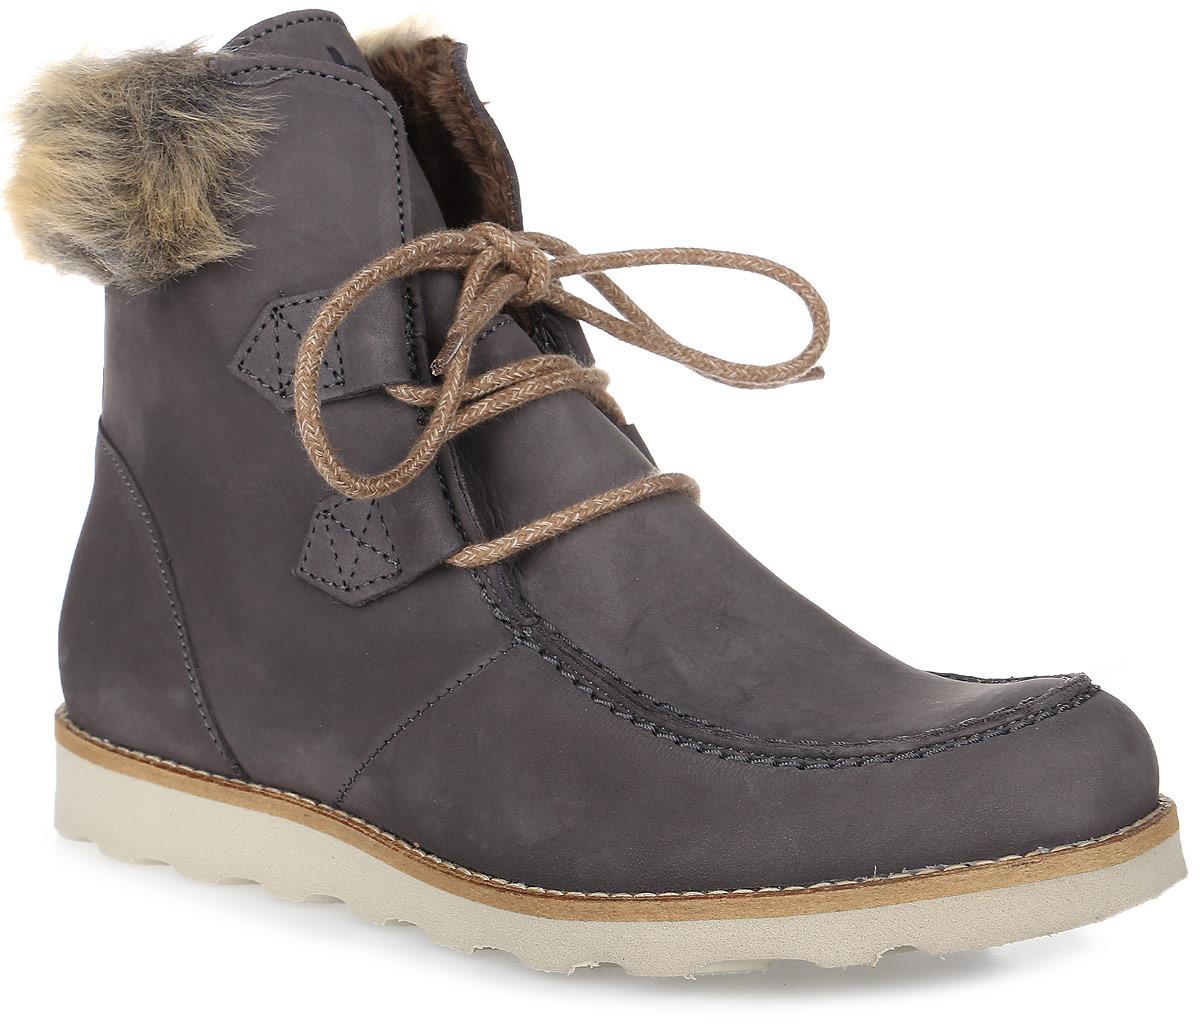 ARIANA-O7141Трендовые женские ботинки Ariana от TBS - модель для ценителей современной качественной обуви! Модель выполнена из натурального нубука и на голенище дополнена искусственным мехом. Мысок прострочен. Внутренняя поверхность и стелька из кожи обеспечат комфорт и уют вашим ногам. Прочная резиновая подошва гарантирует длительную носку и сцепление с любой поверхностью. Оригинальная шнуровка надежно фиксирует обувь на ноге.